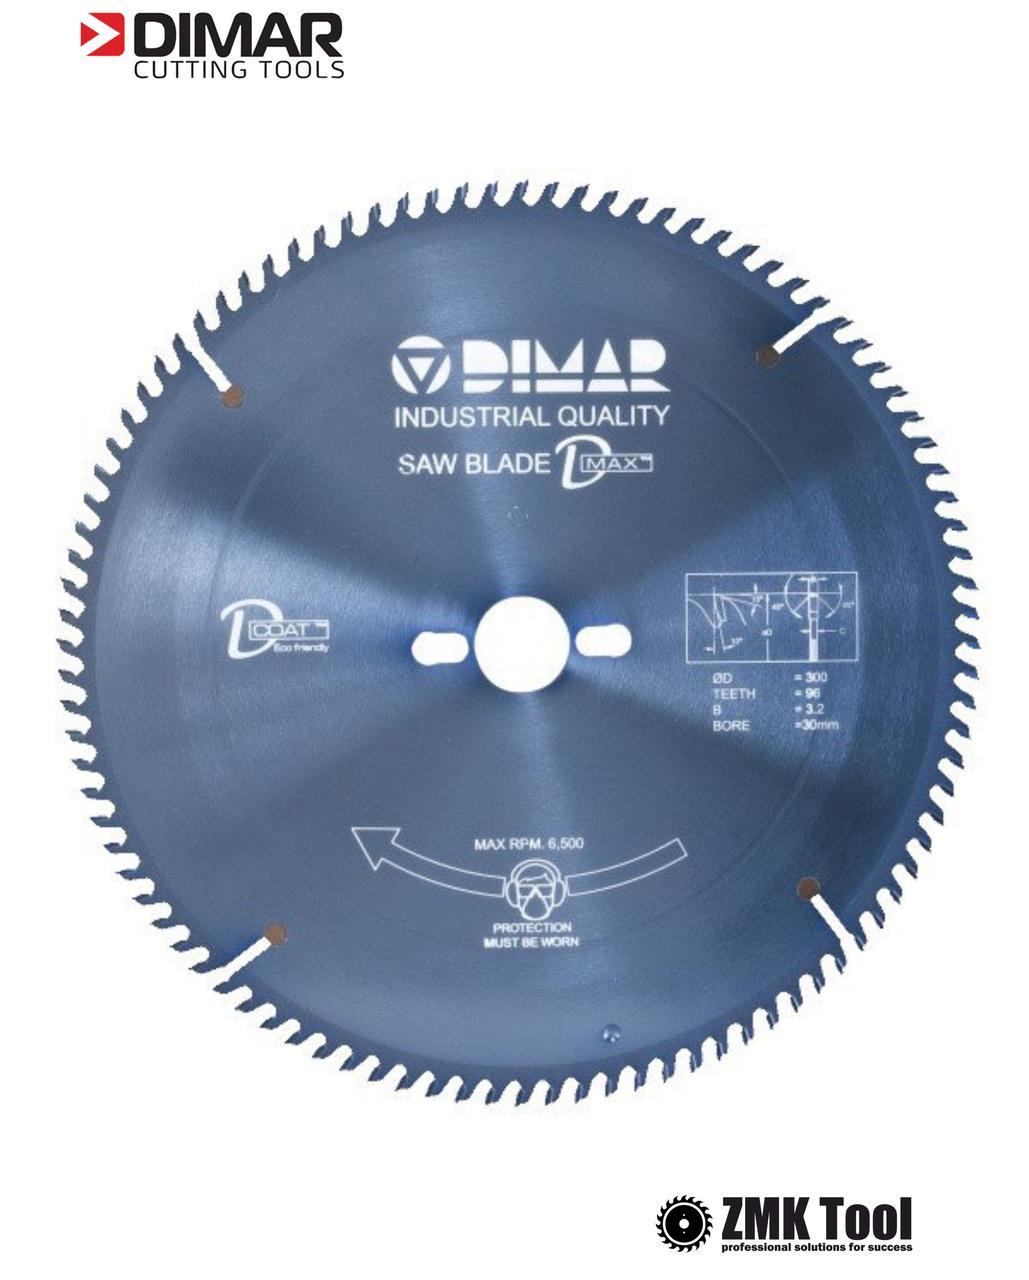 Пила DIMAR DFS для ДСП, МДФ, ламинатов 300 96Z 3.2/2.2 d=30 с покрытием D-COAT